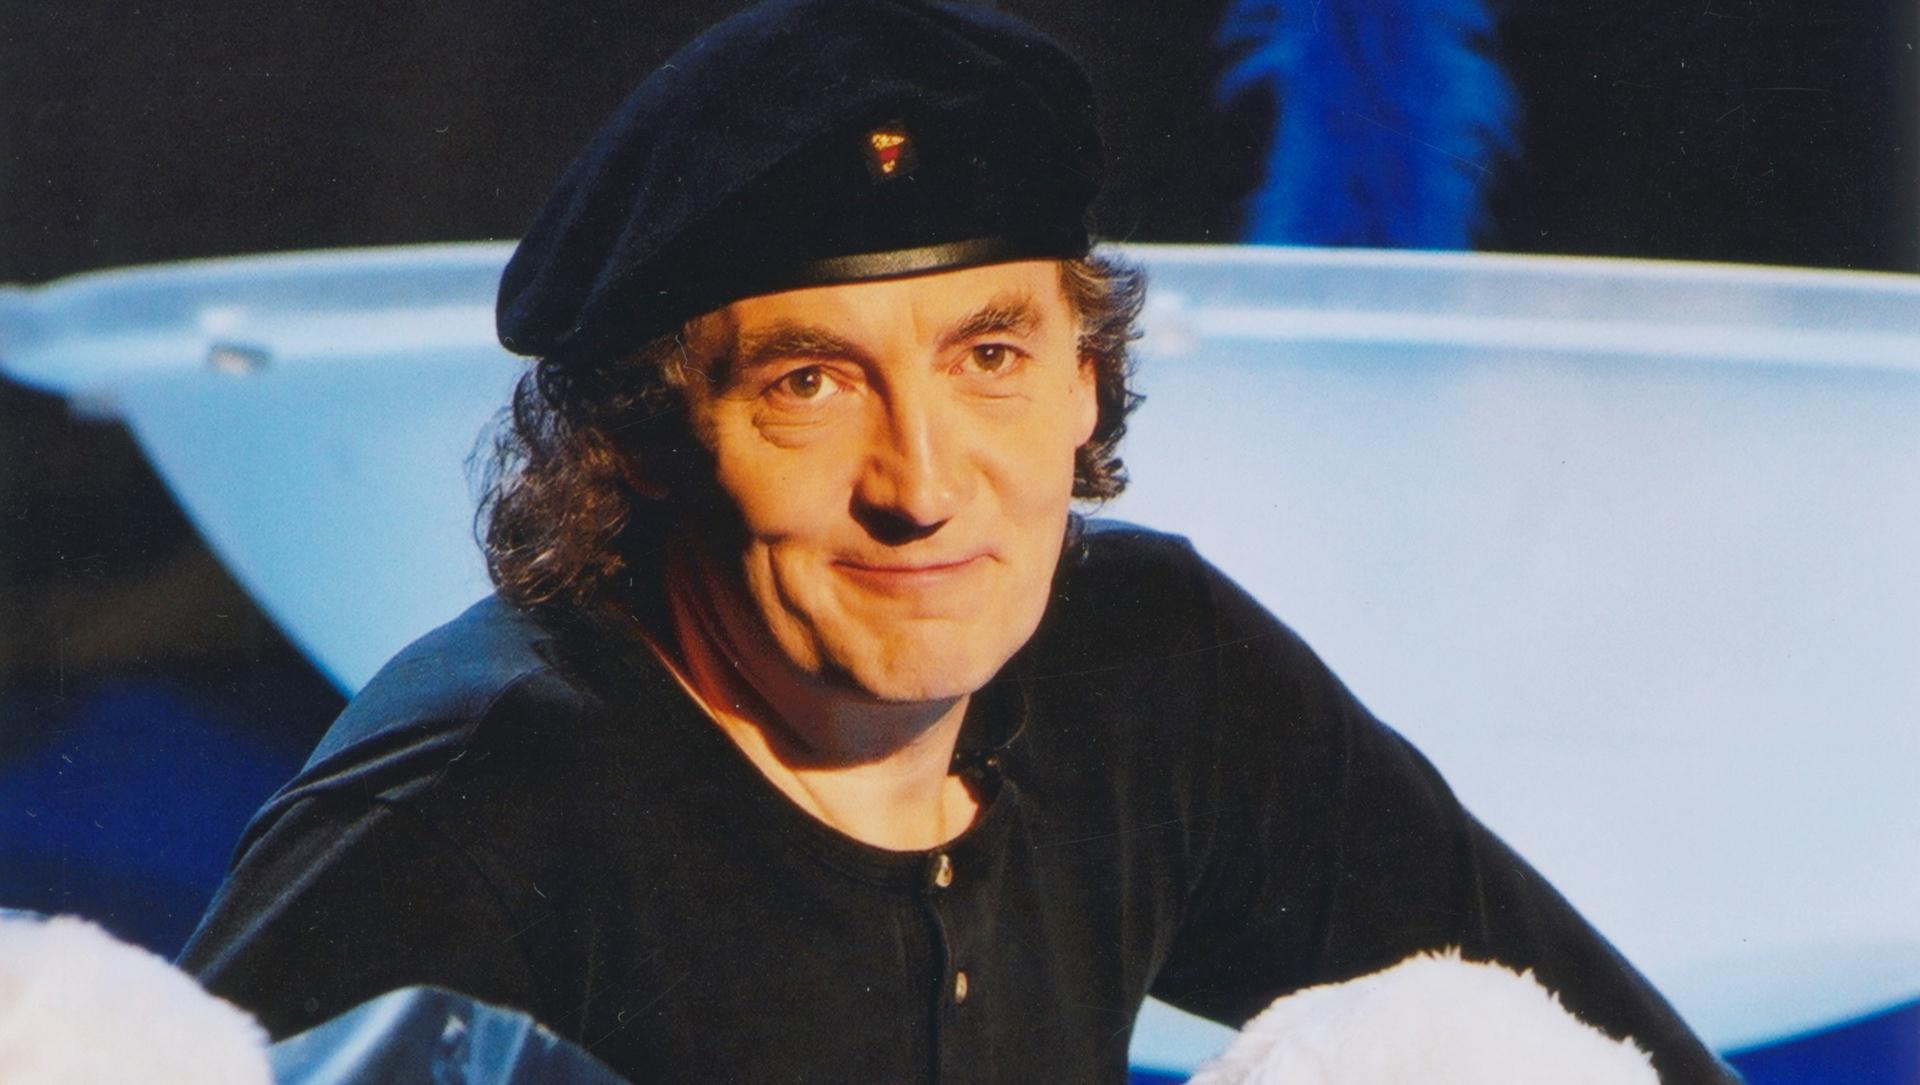 Умер певец и музыкальный педагог Яак Йоала | Rus | ERR